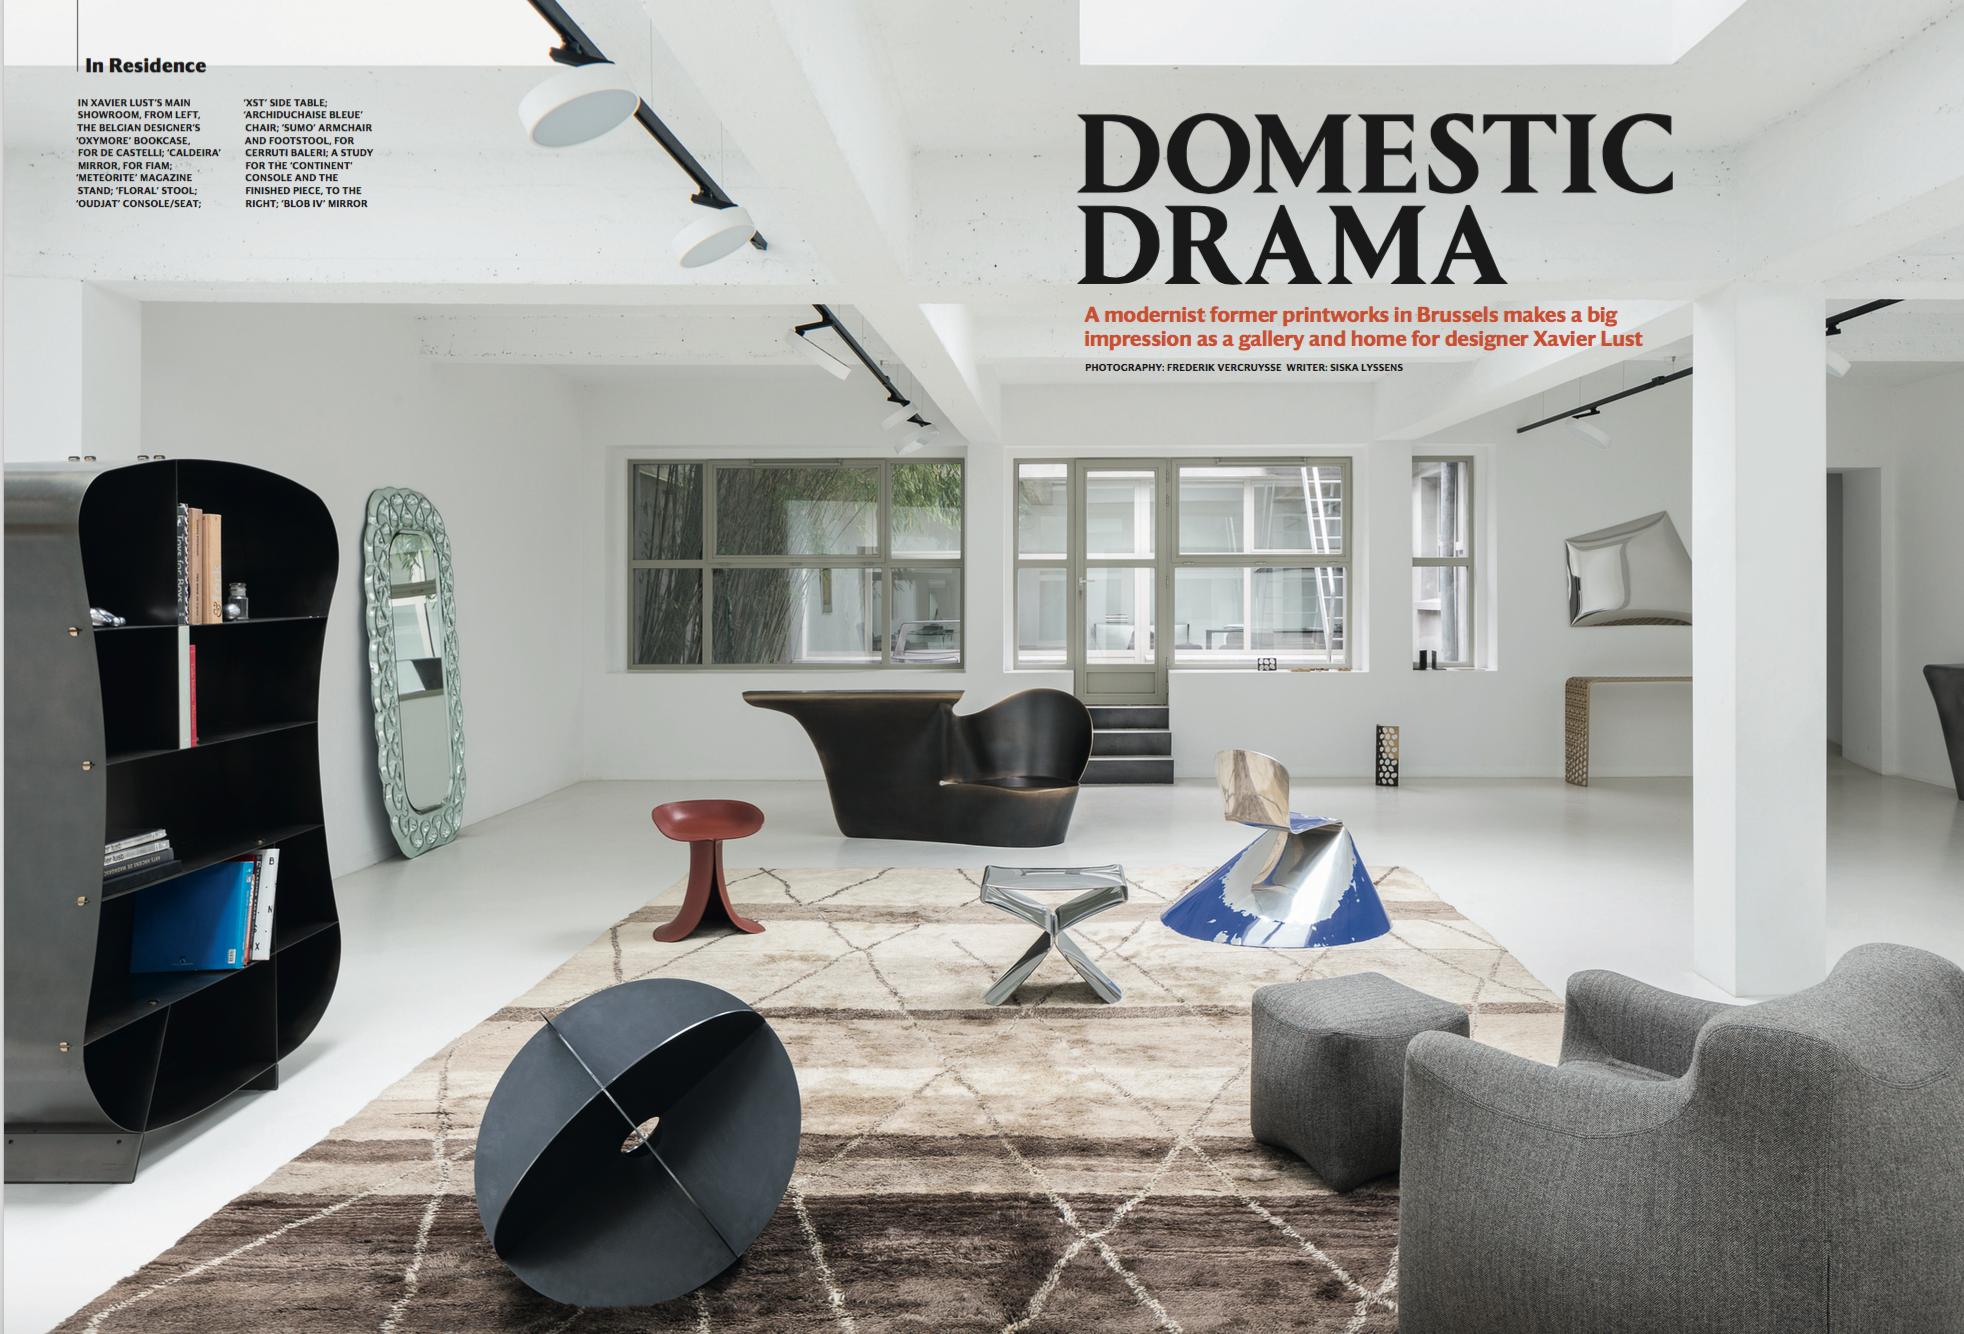 Domestic drama